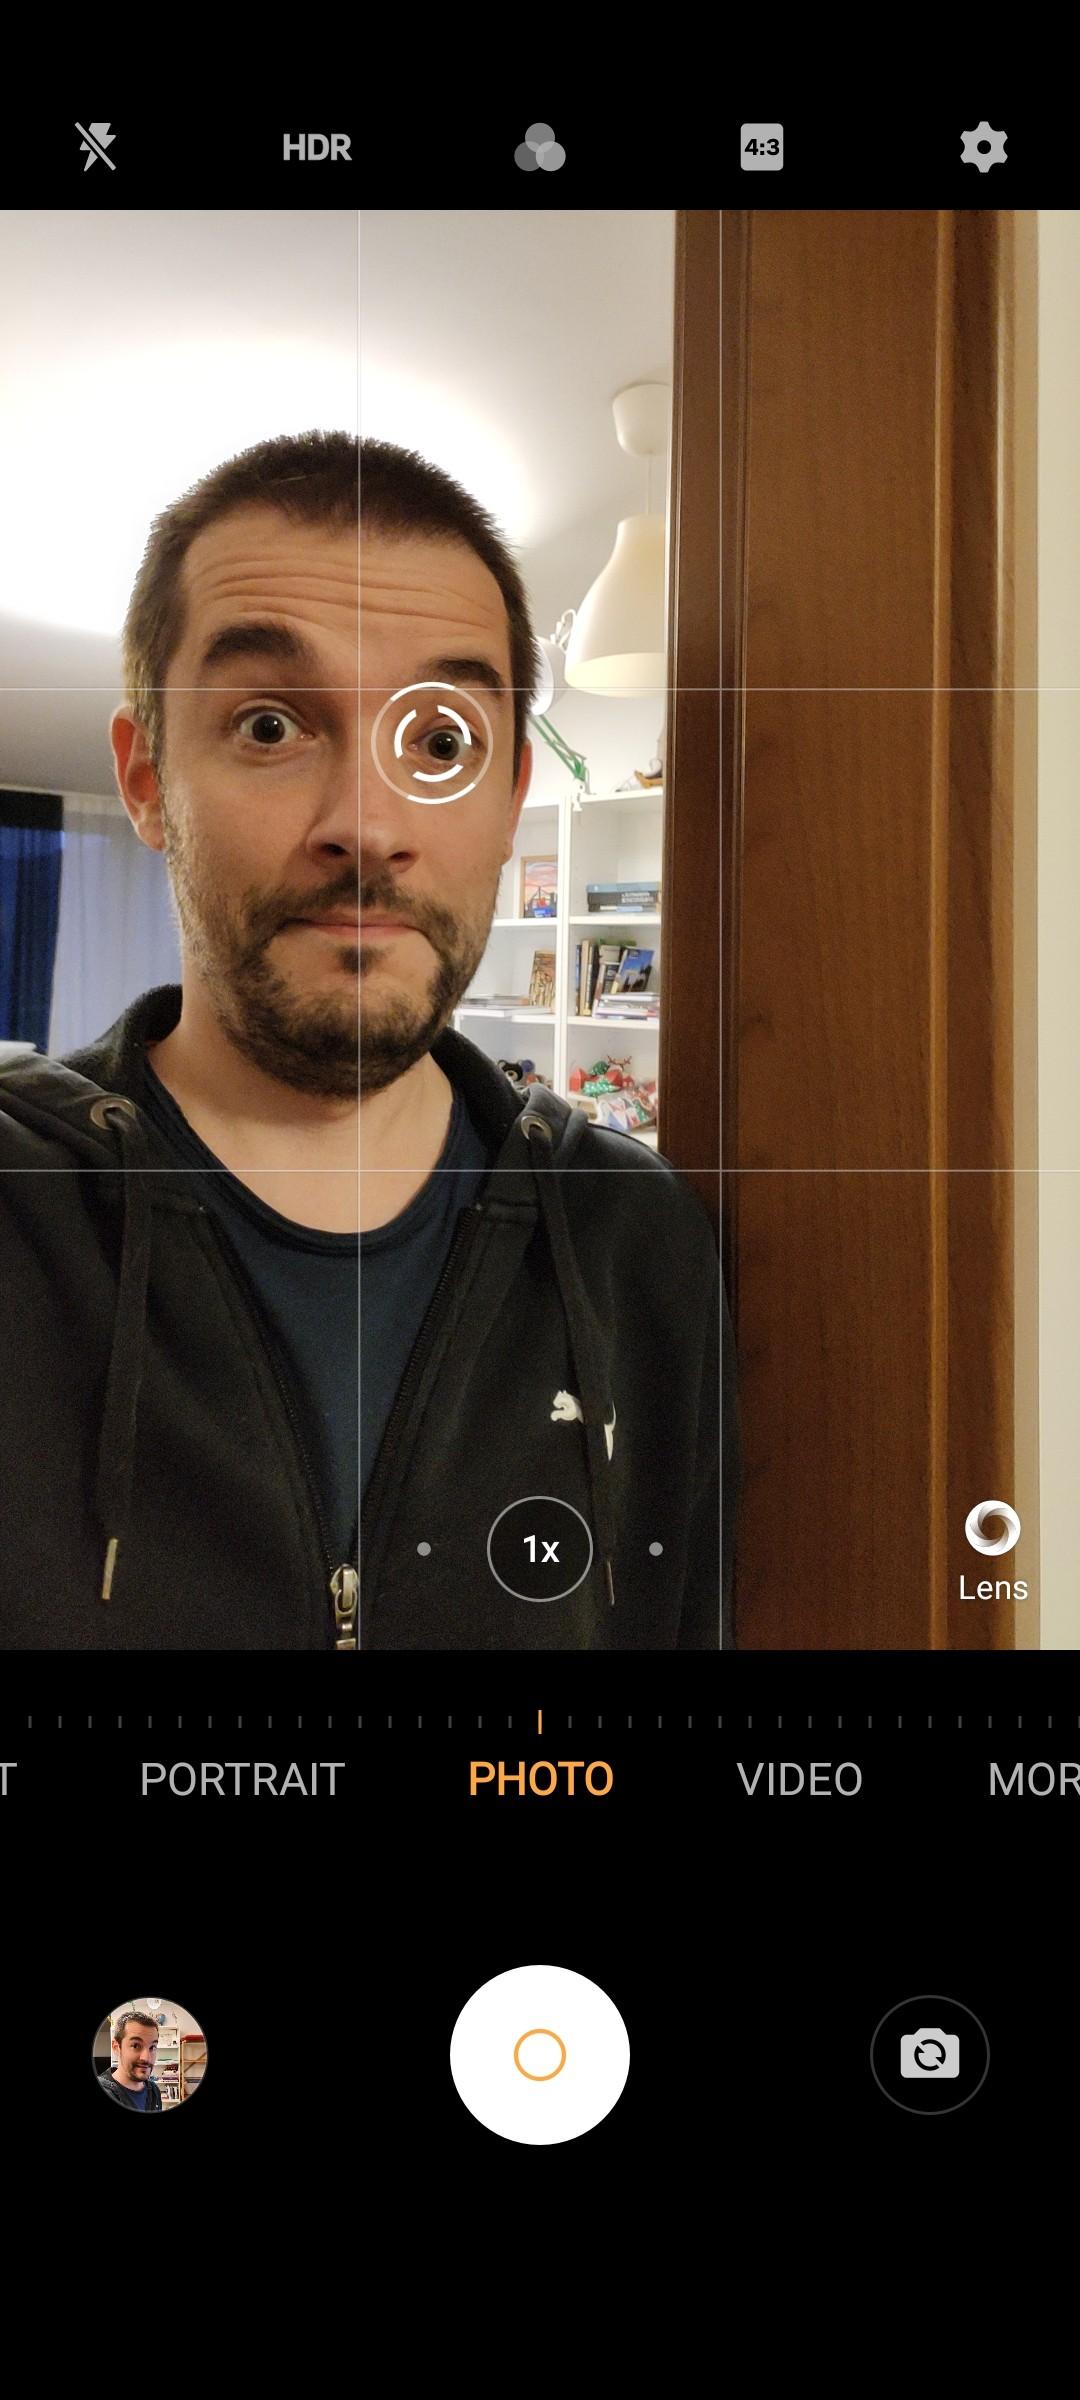 بررسی کامل و تخصصی گوشی vivo iQOO 3 5G: یکی از بهترین گوشی های گیمینگ 2020؟